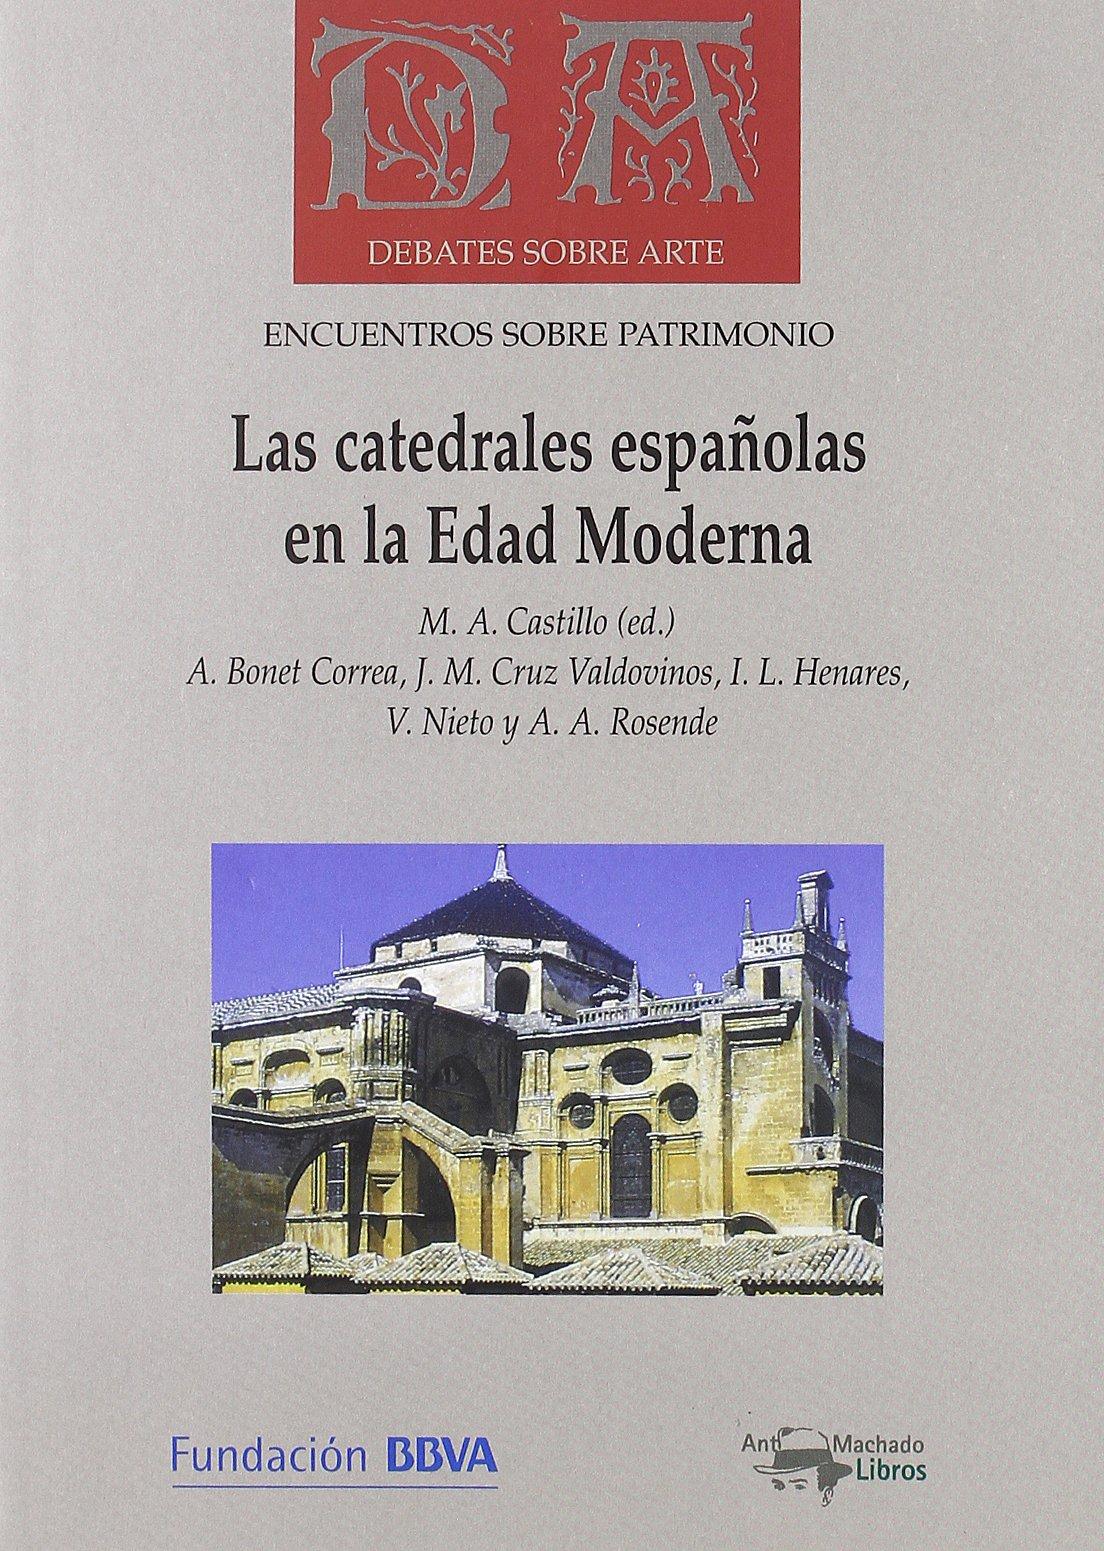 Las Catedrales Espanolas en la Edad Moderna (Spanish)